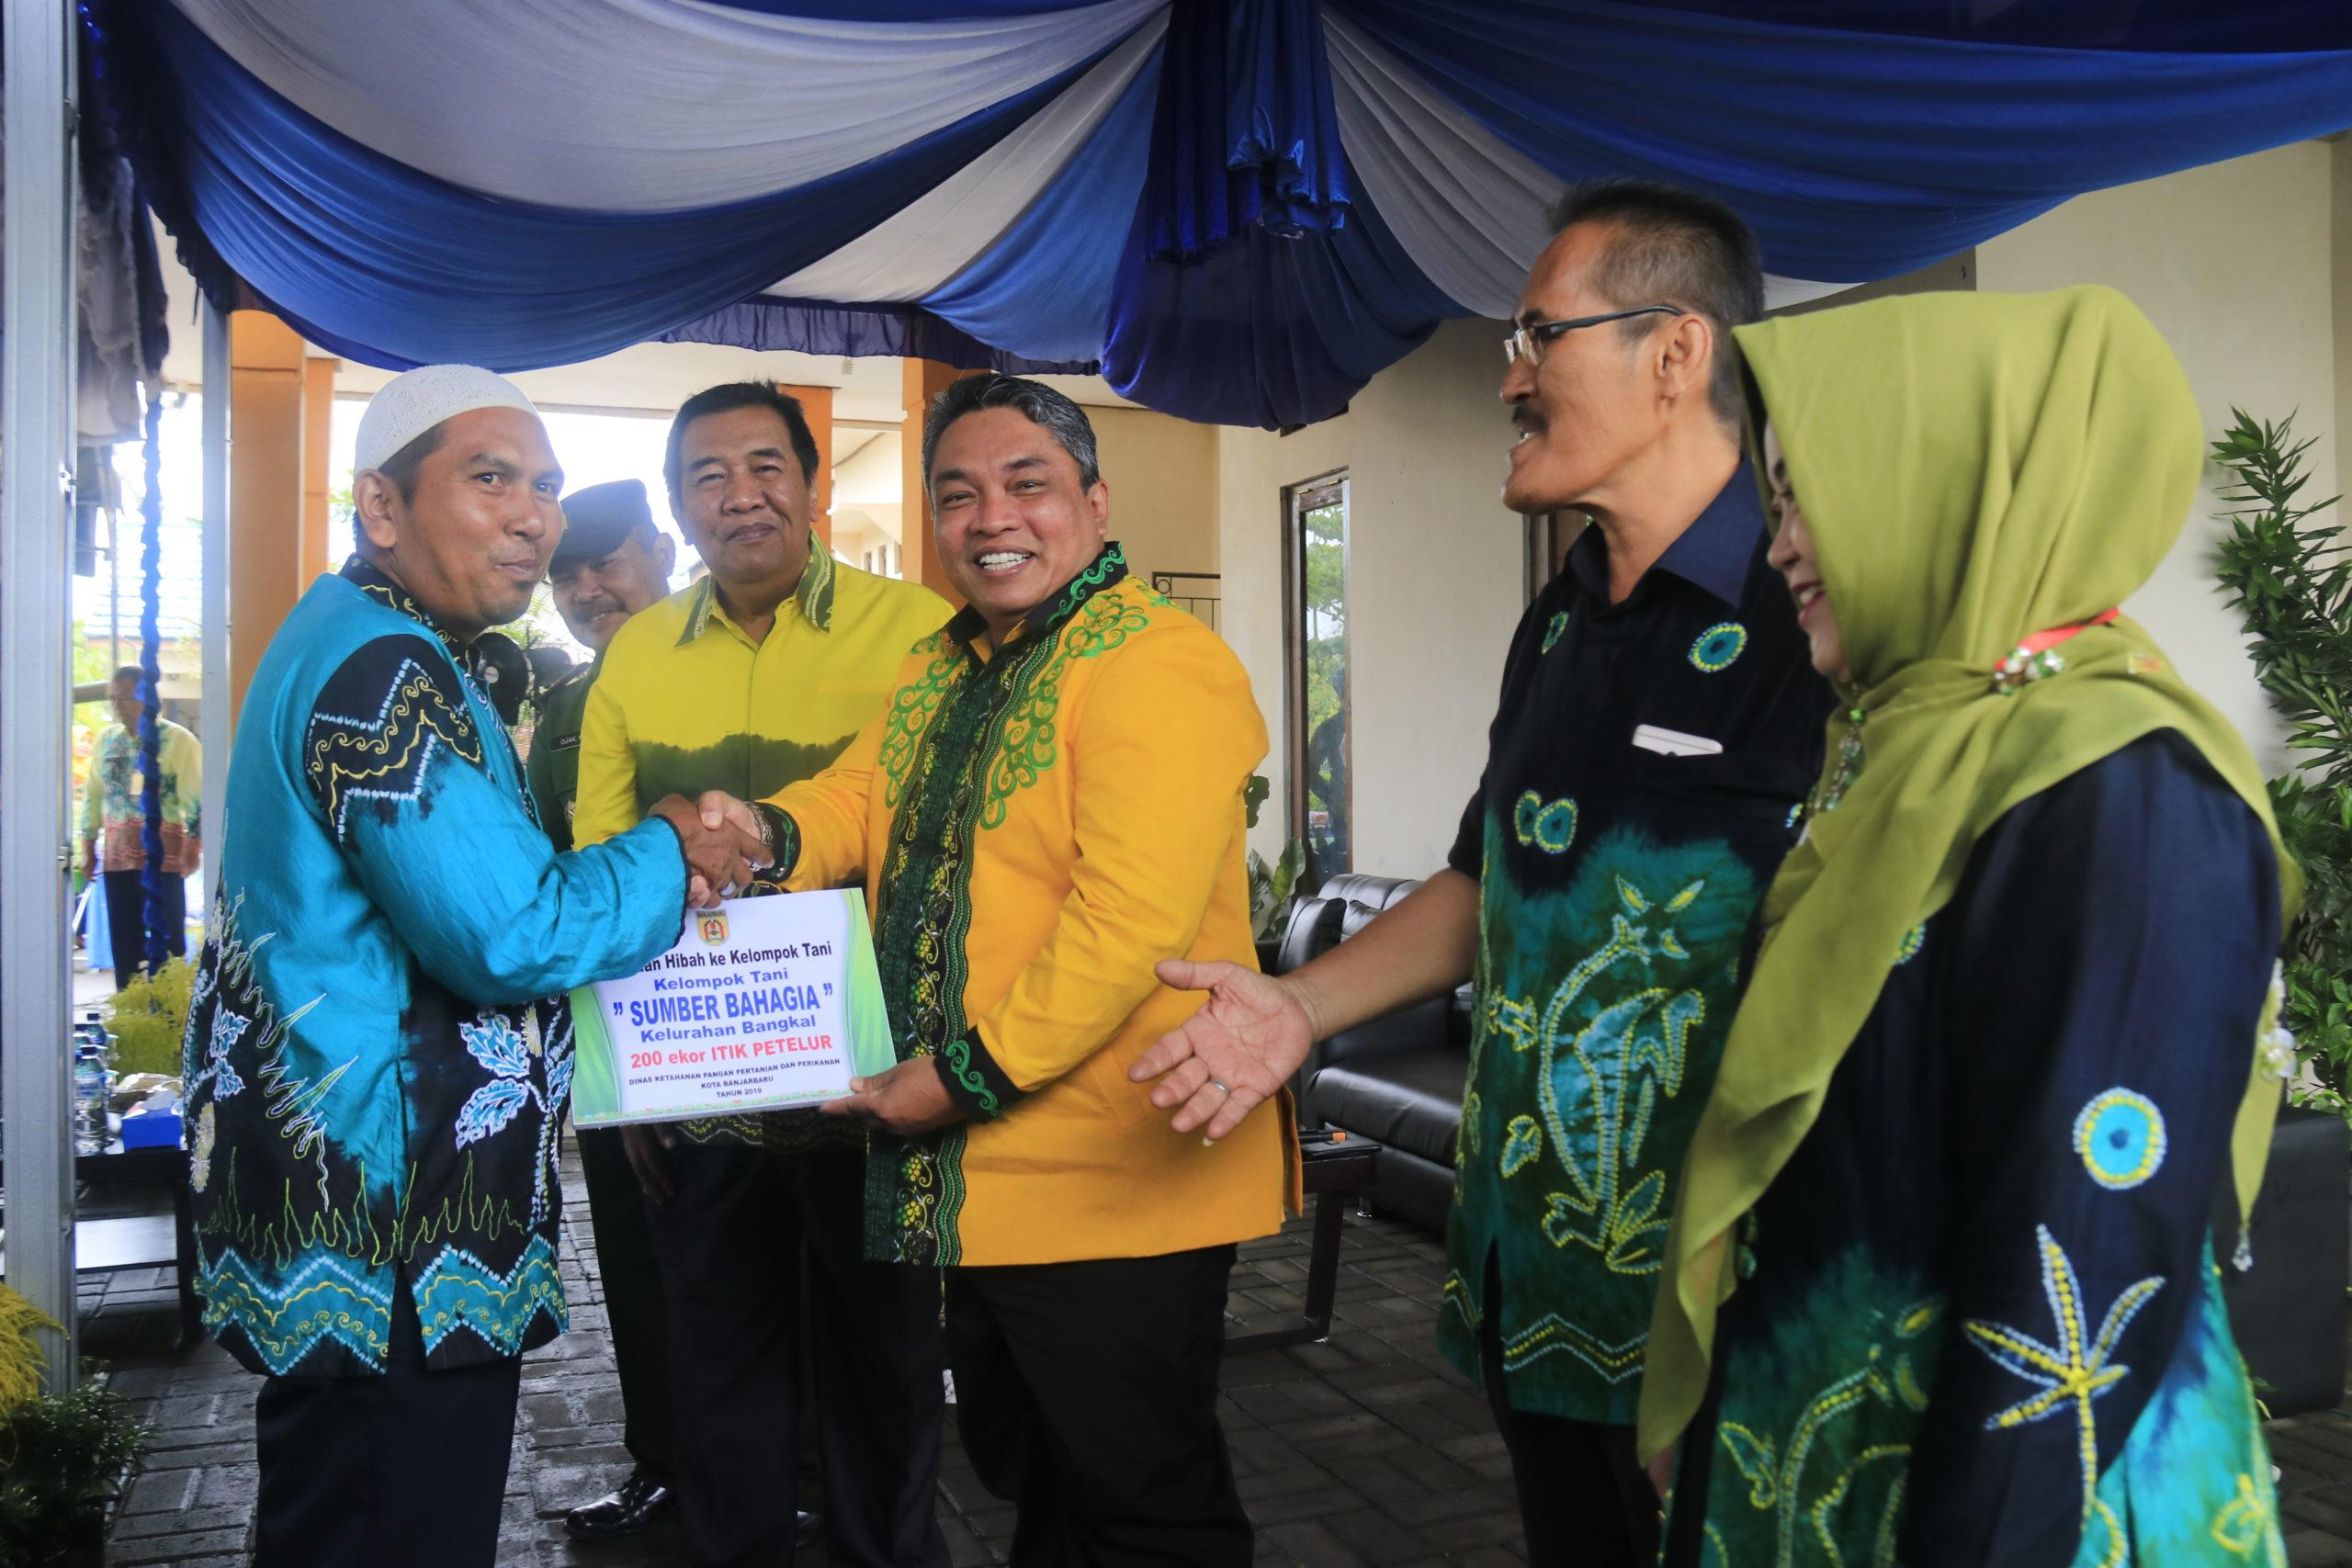 Nadjmi Khawatir Sektor Pertanian Di Banjarbaru Berkurang 3